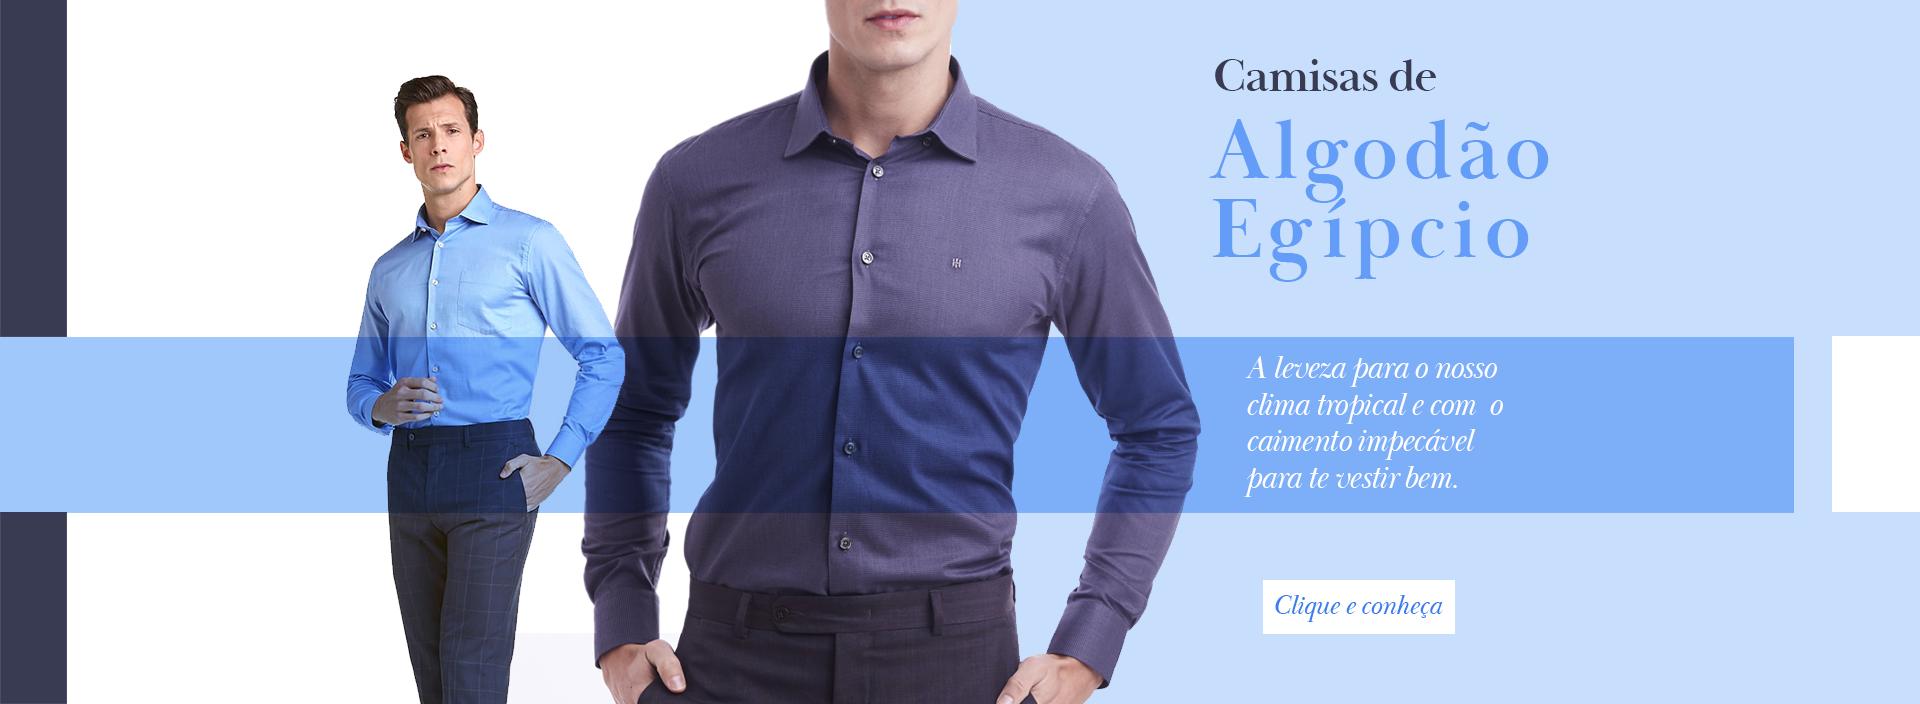 Camisas Algodão Egipcio